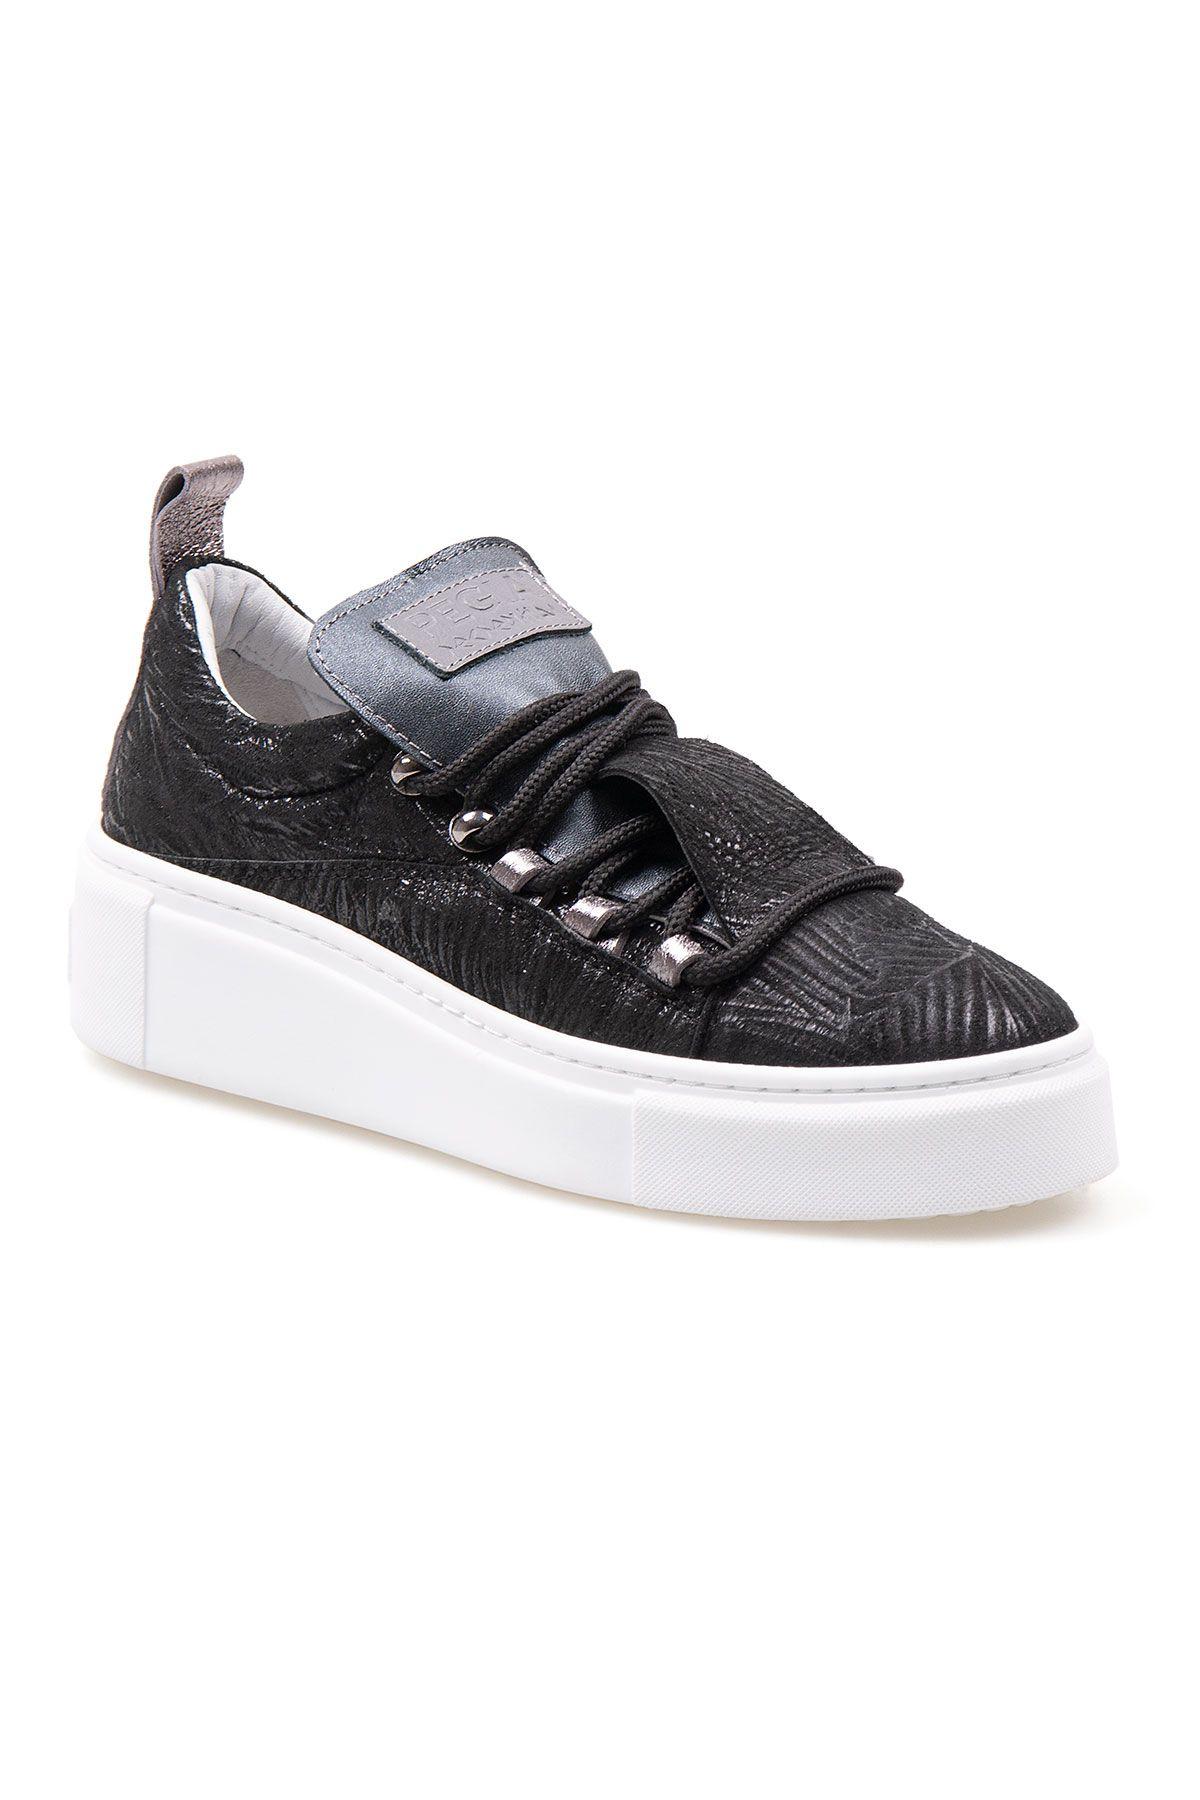 Pegia Genuine Leather Women's Sneaker LA1714 Black